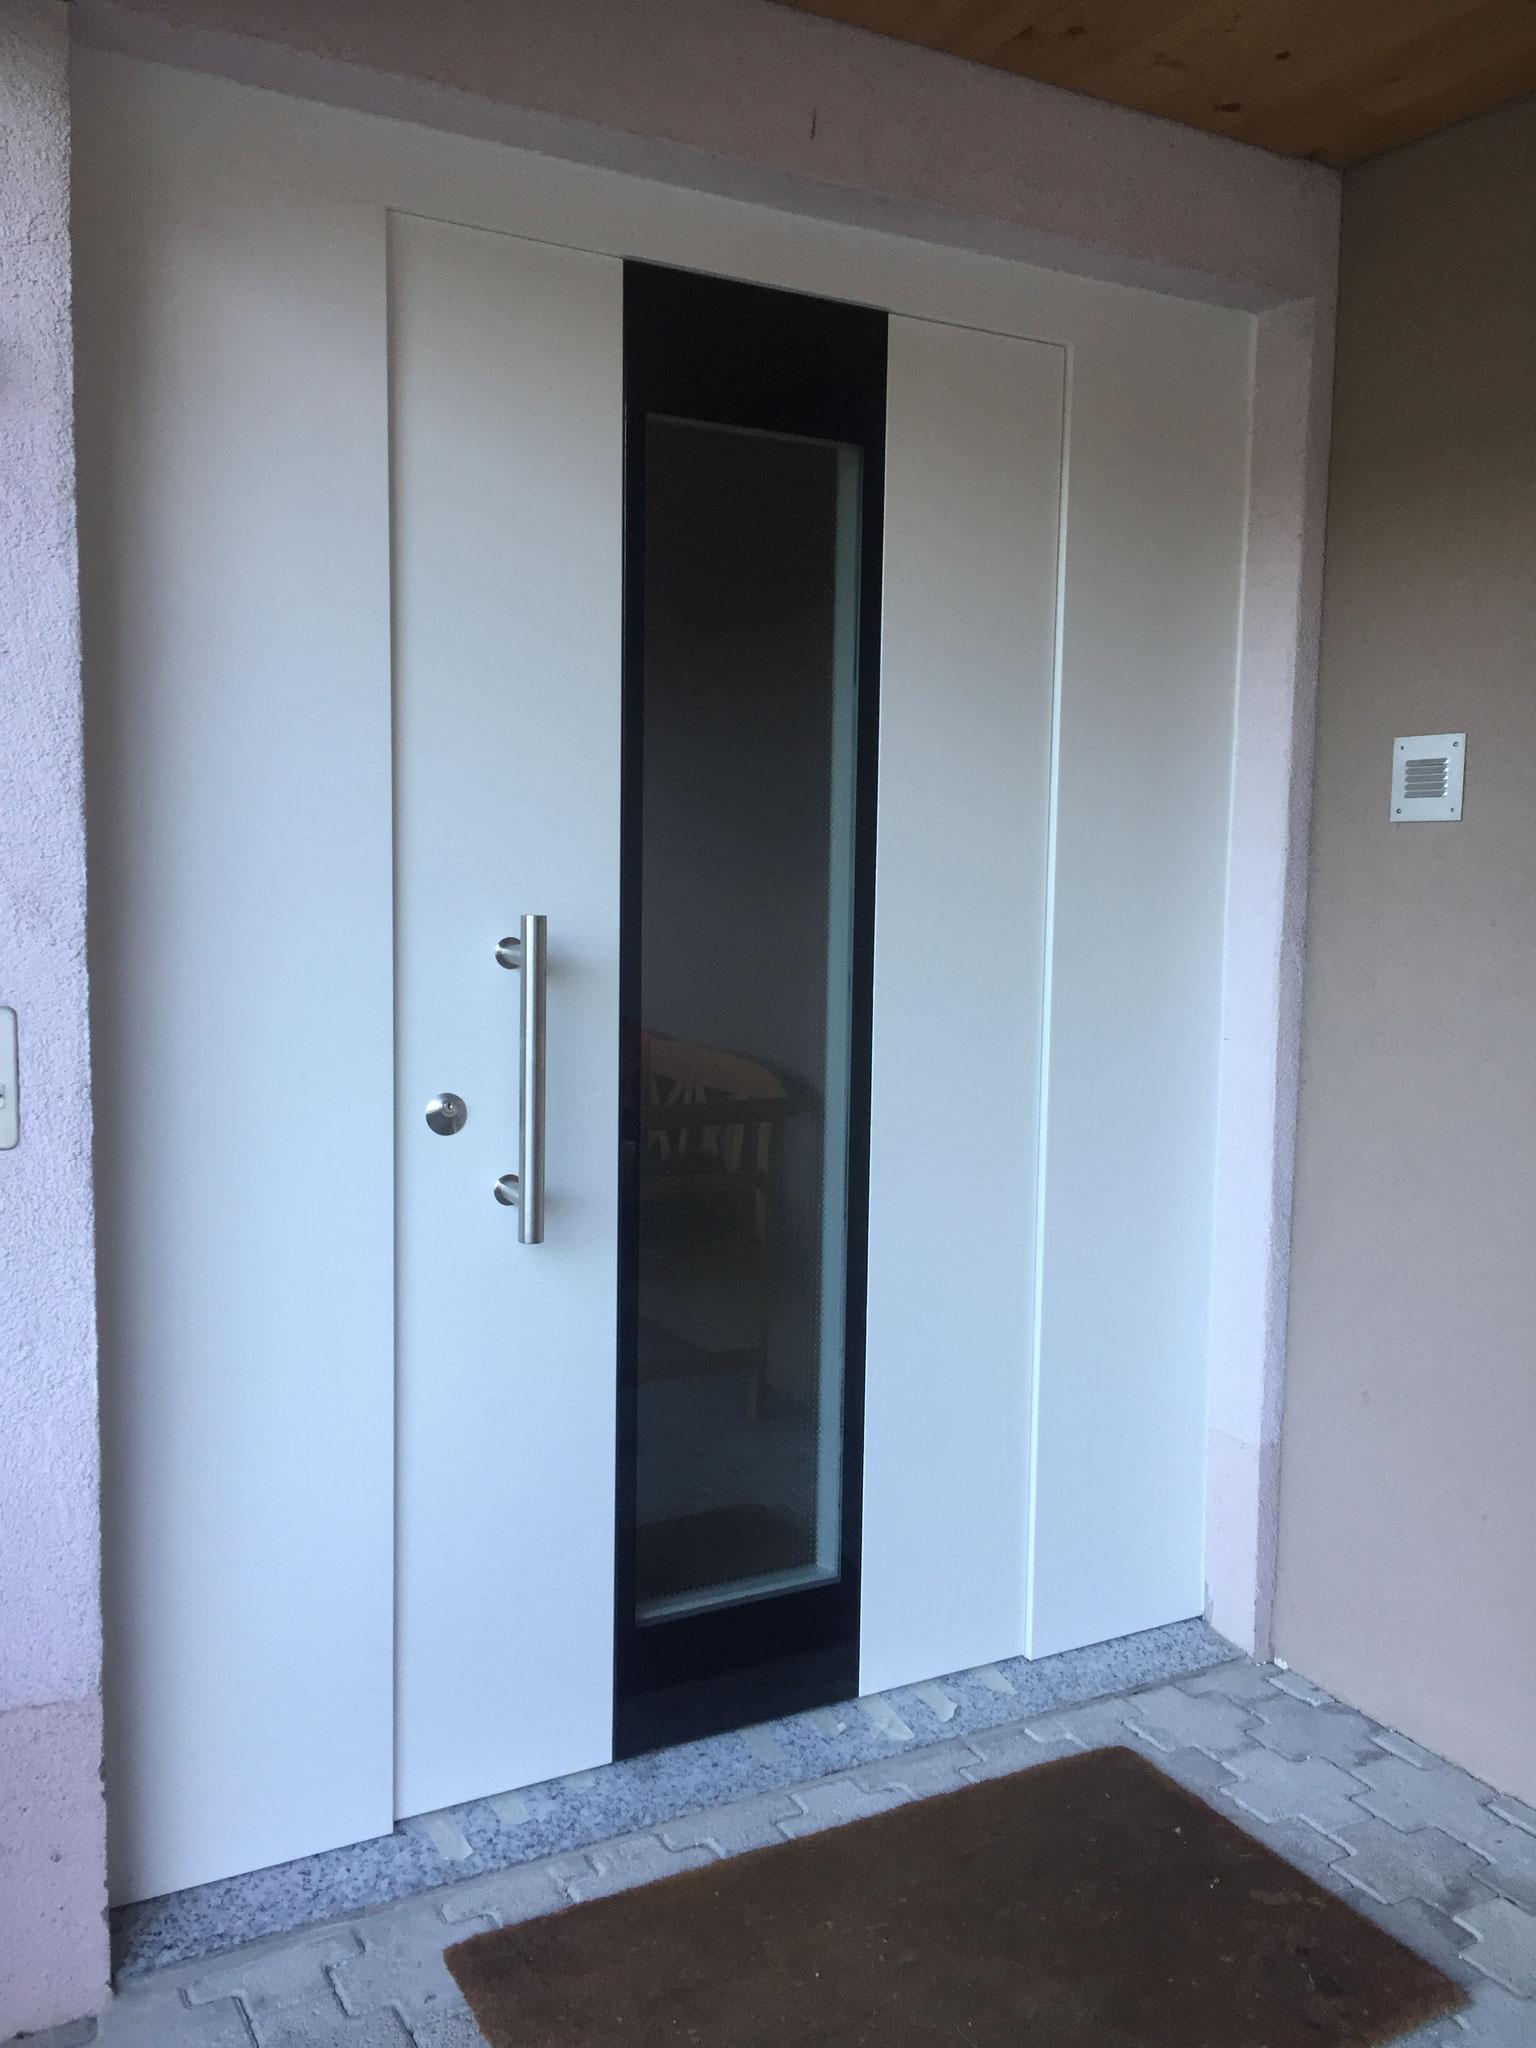 Holz-ALU Haustüre in weiss Modell Voralp mit seitlichen Verkleidungen